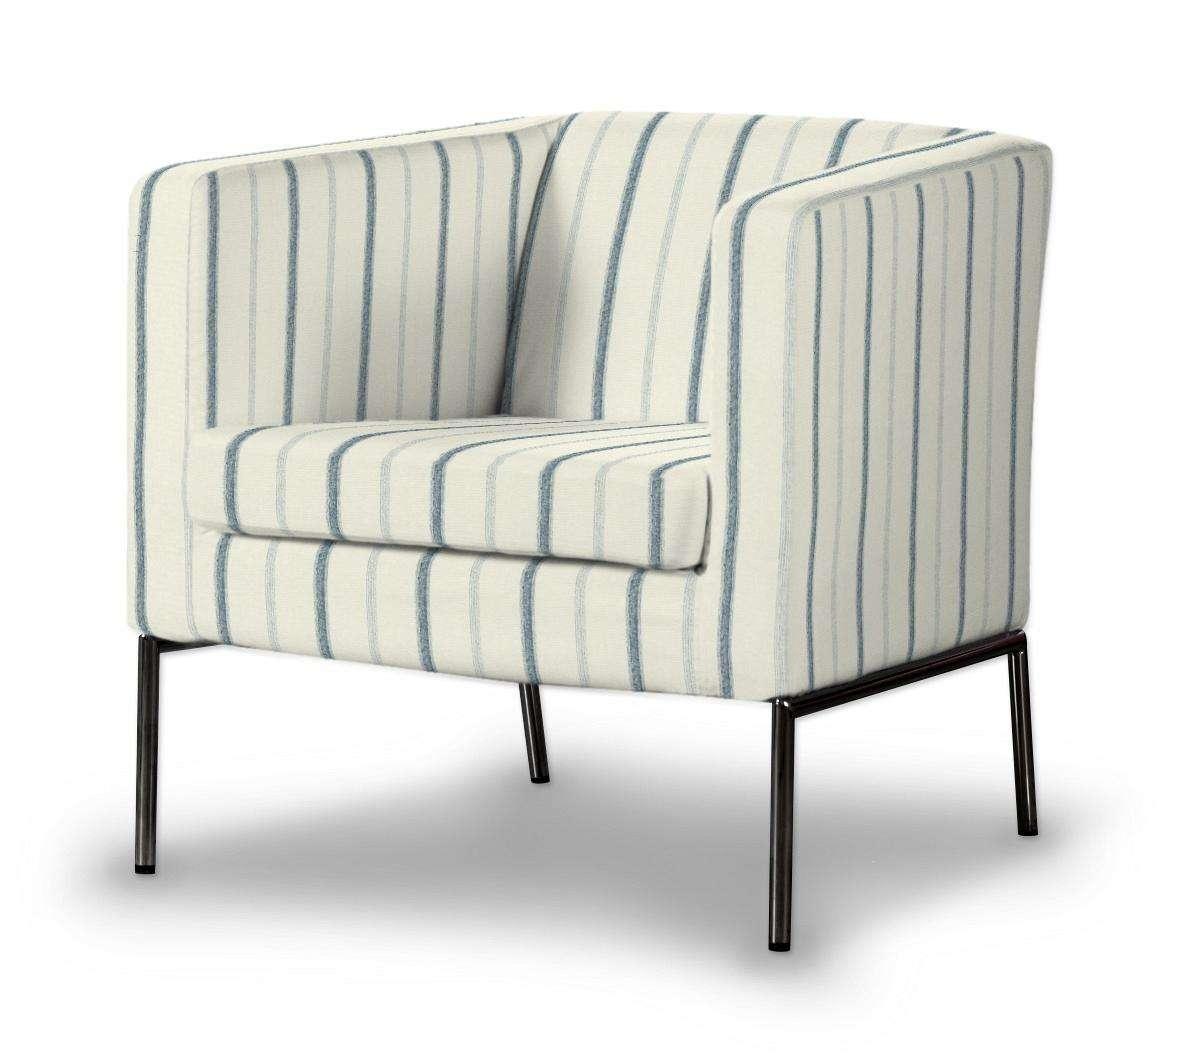 Pokrowiec na fotel Klappsta Fotel Klappsta w kolekcji Avinon, tkanina: 129-66